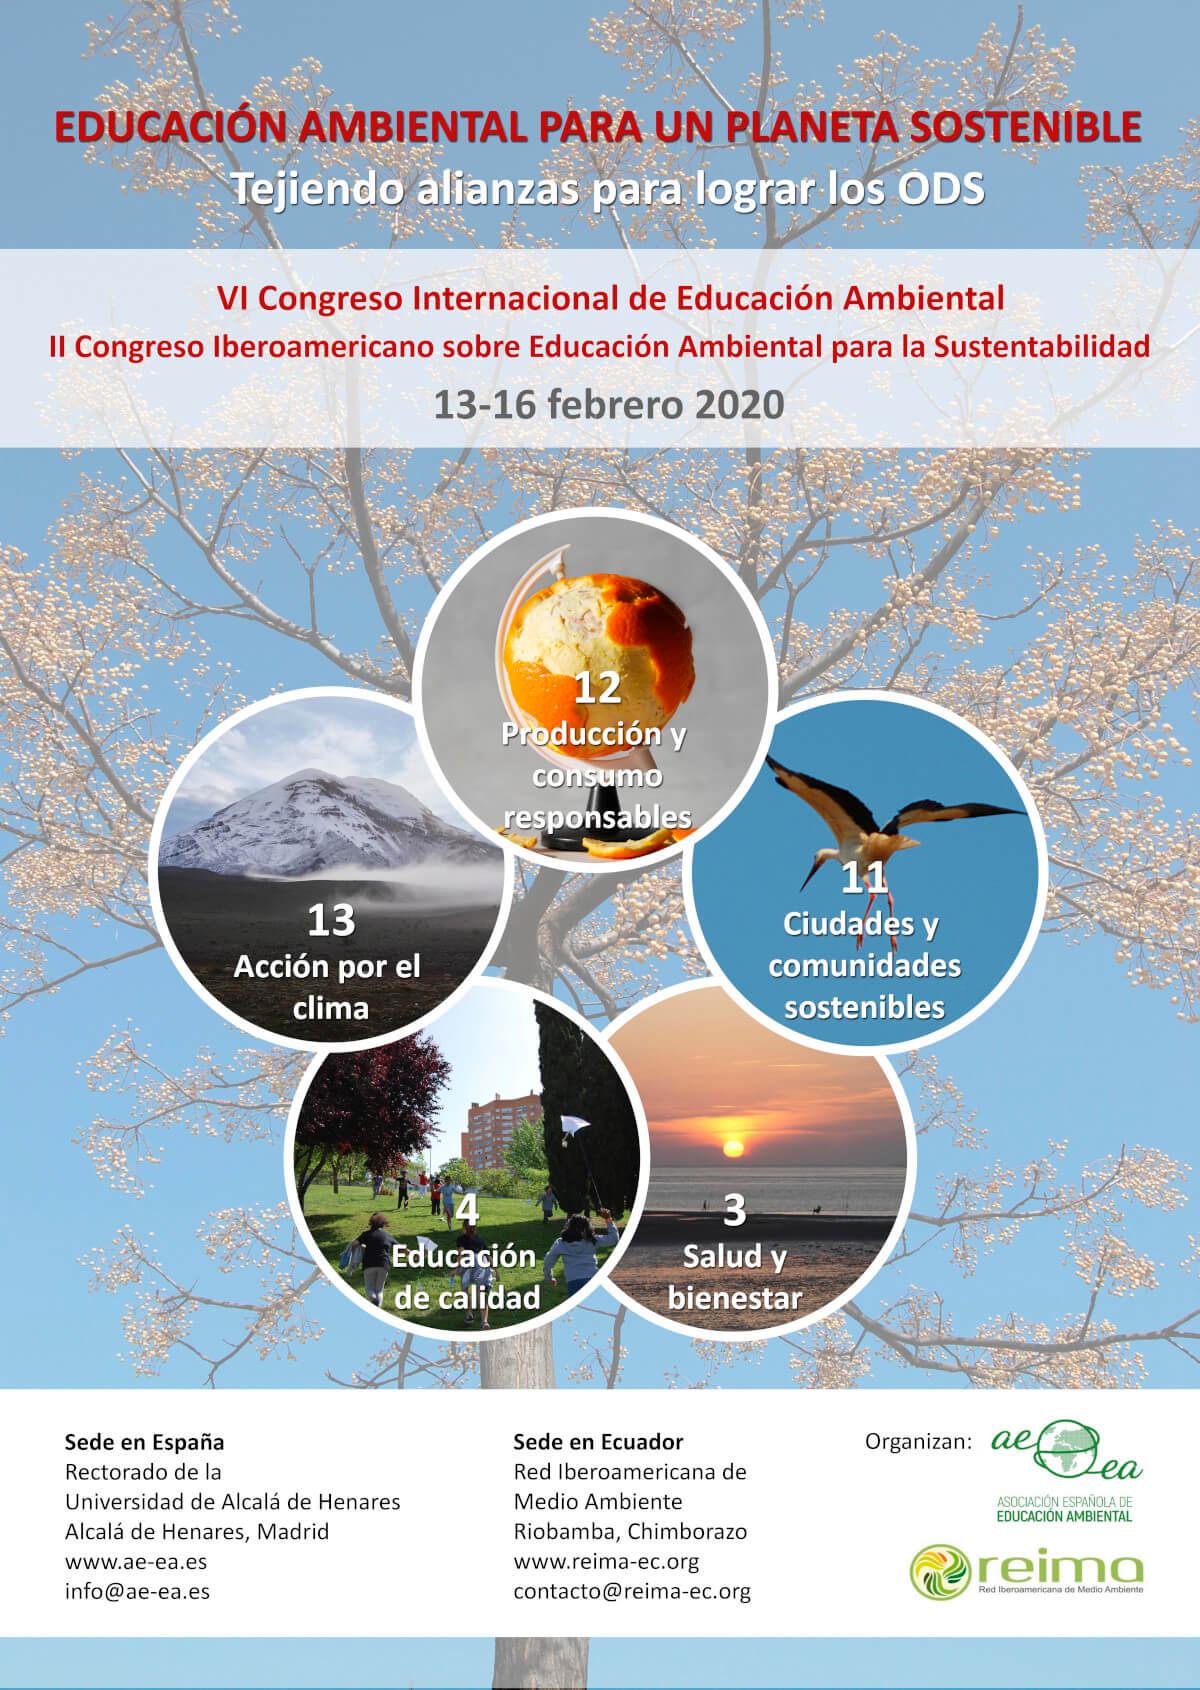 poster_congreso_VI_educacion_ambiental_febrero_2020